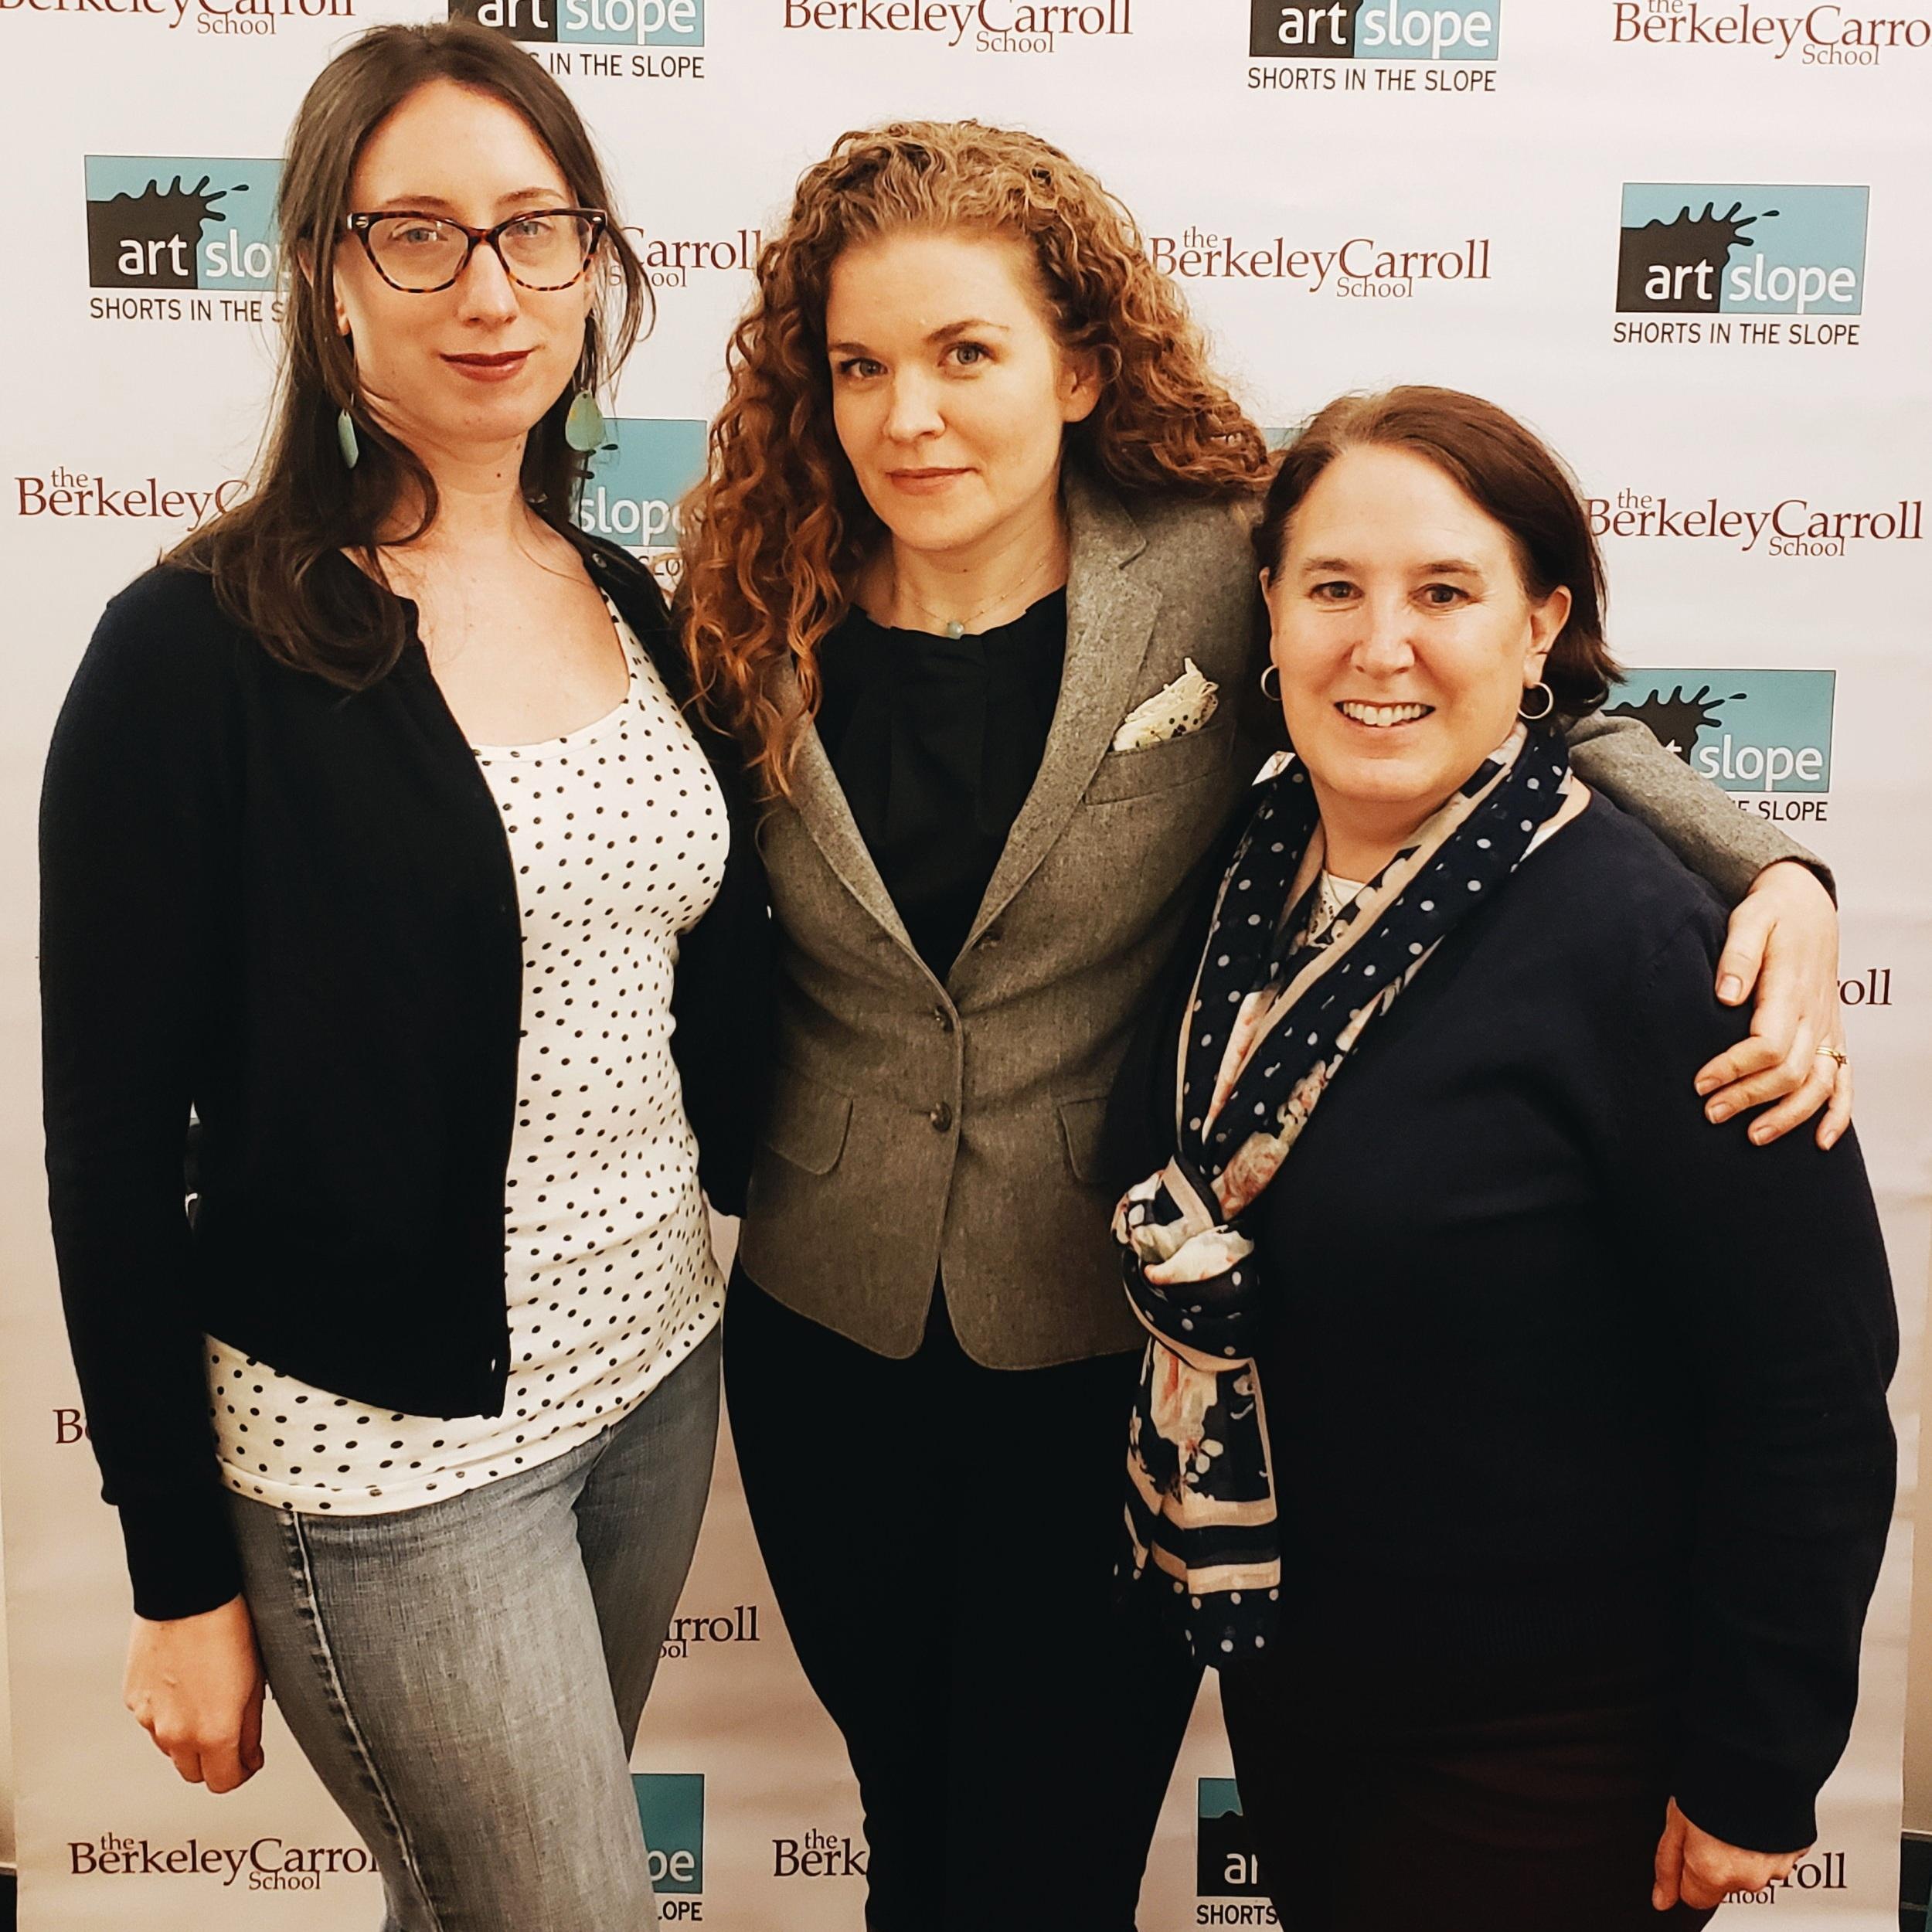 EASEL at Artslope Film Festival 2019.jpg